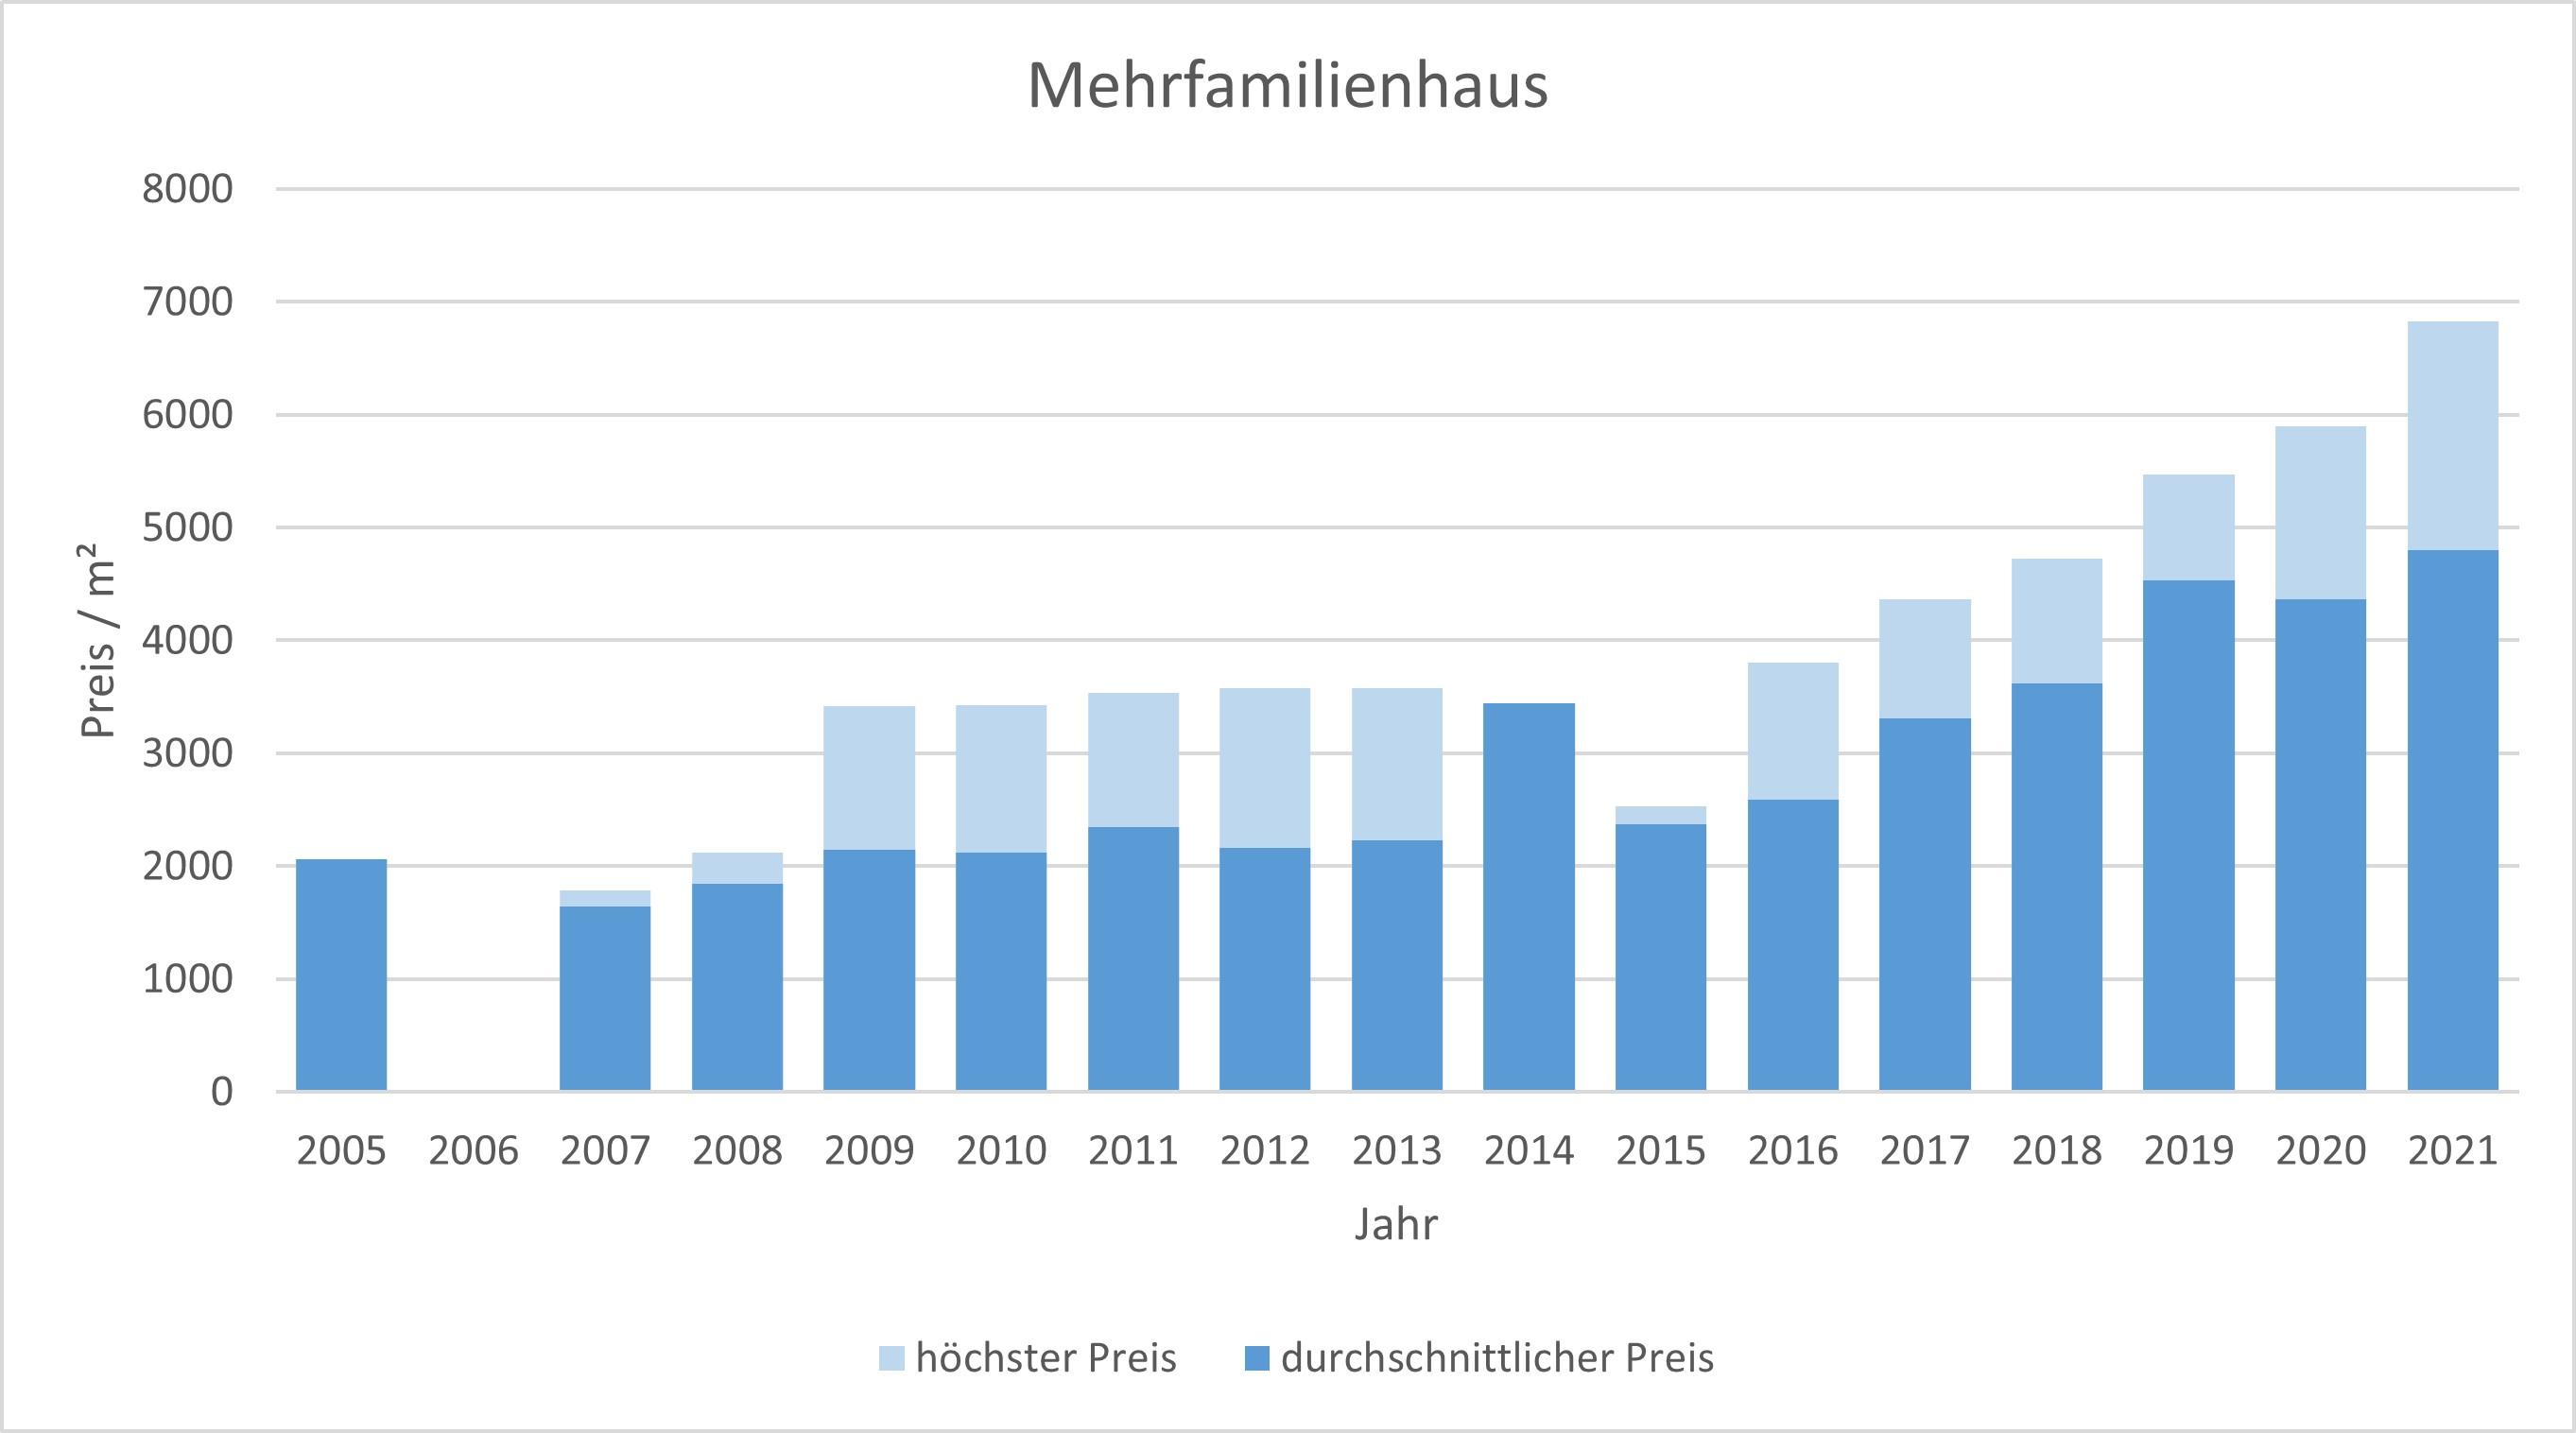 Stephanskirchen Mehrfamilienhaus kaufen verkaufen Preis Bewertung Makler 2019 2020 2021 www.happy-immo.de